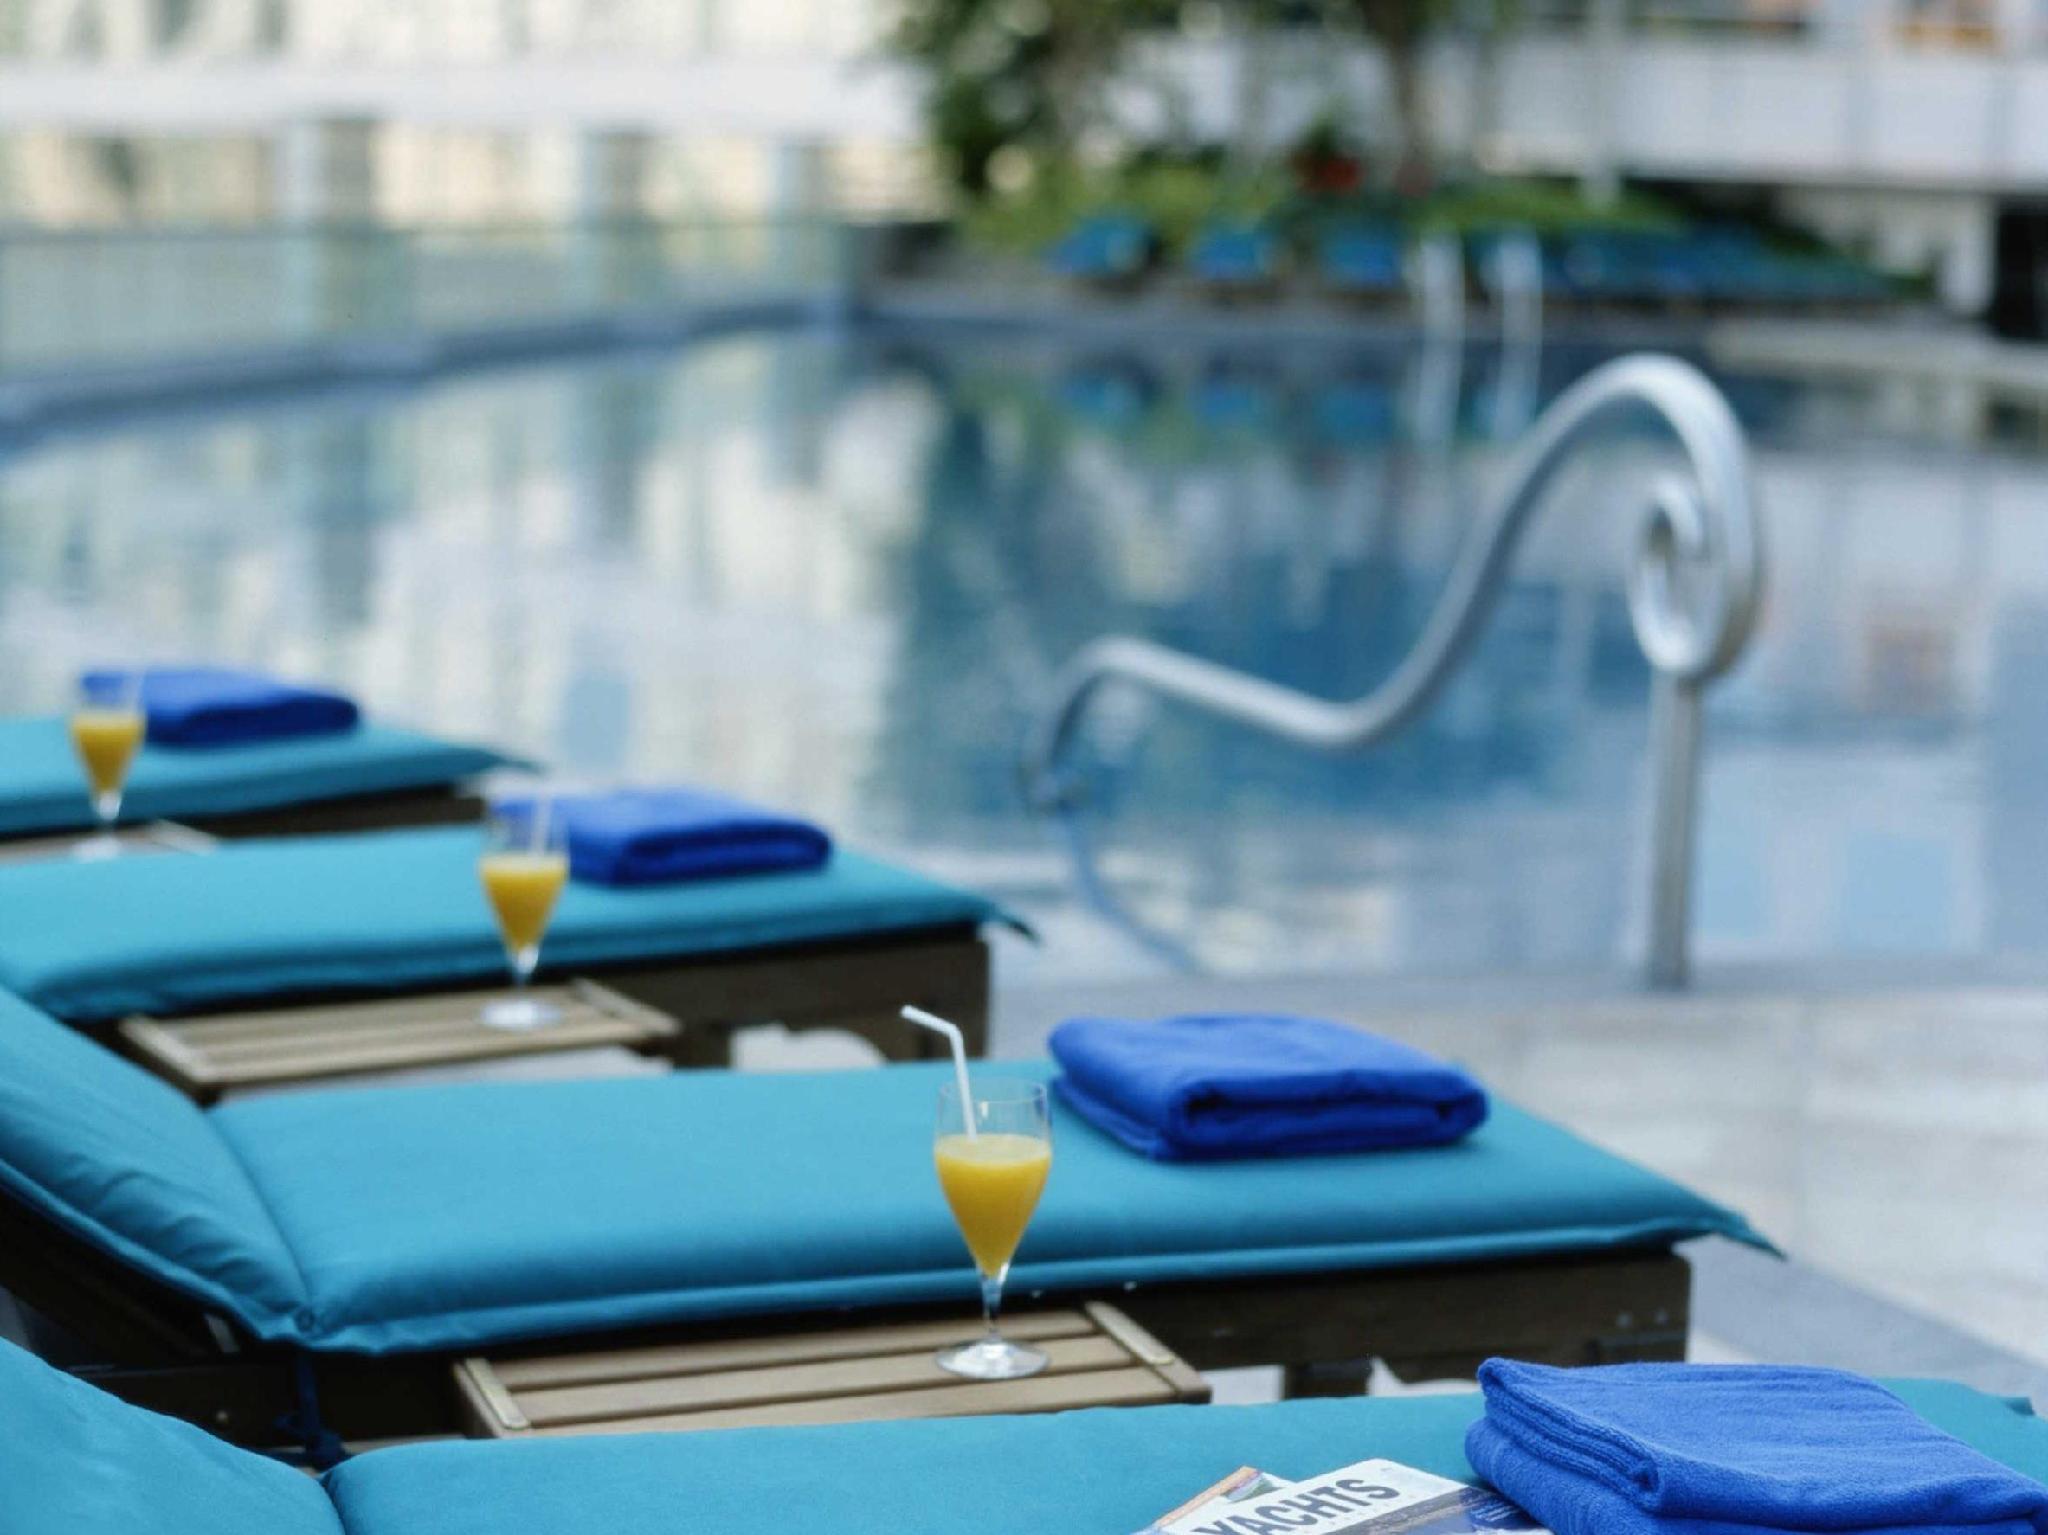 香港都會海逸酒店 (Harbour Plaza Metropolis) - Agoda 提供行程前一刻網上即時優惠價格訂房服務